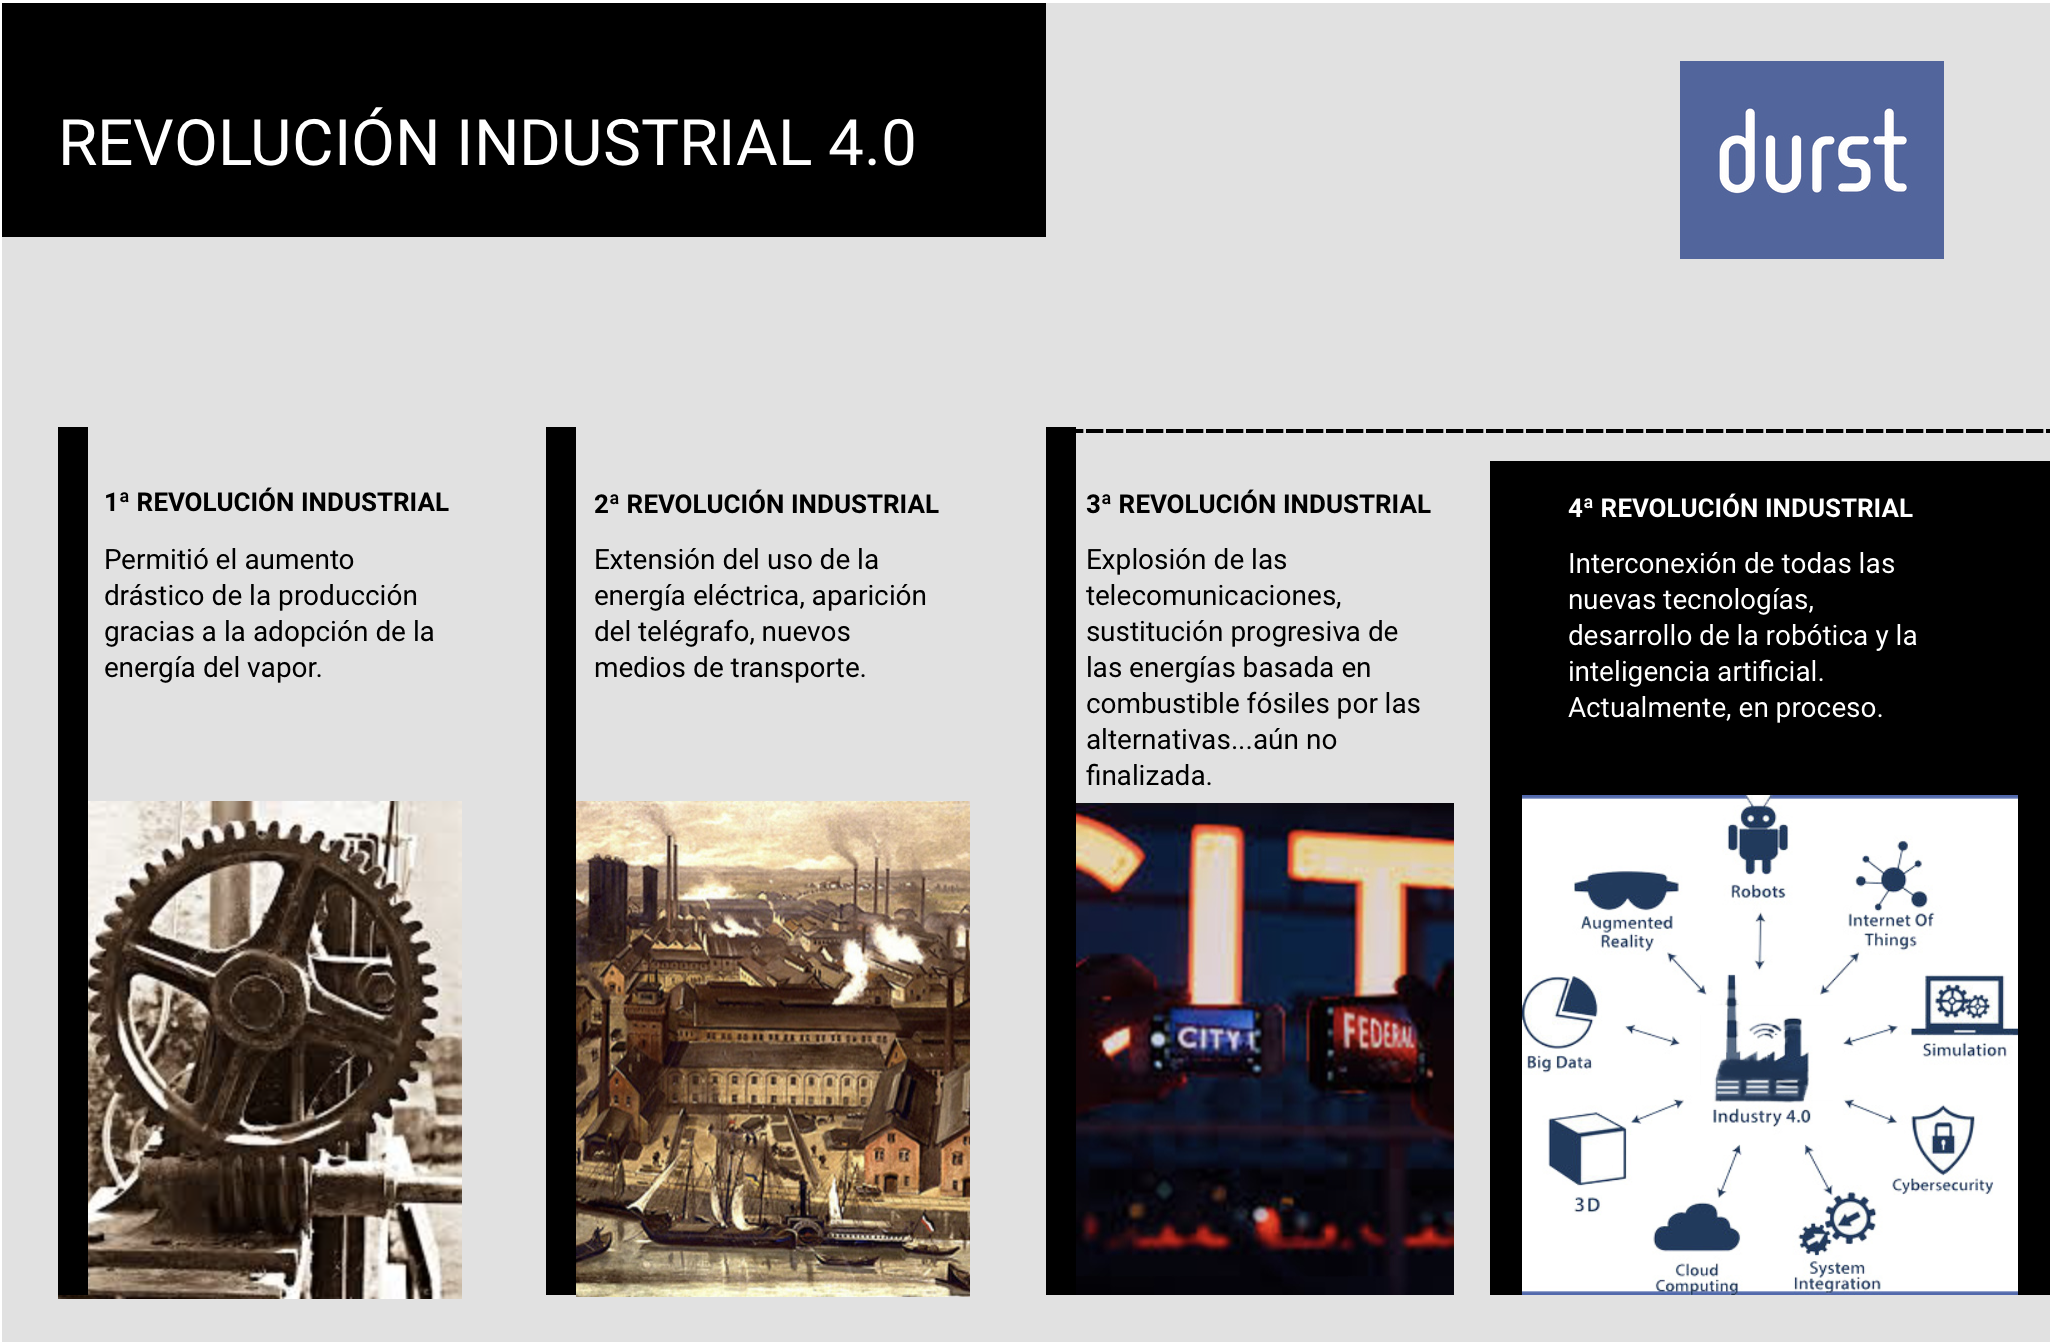 Industrias 4.0.